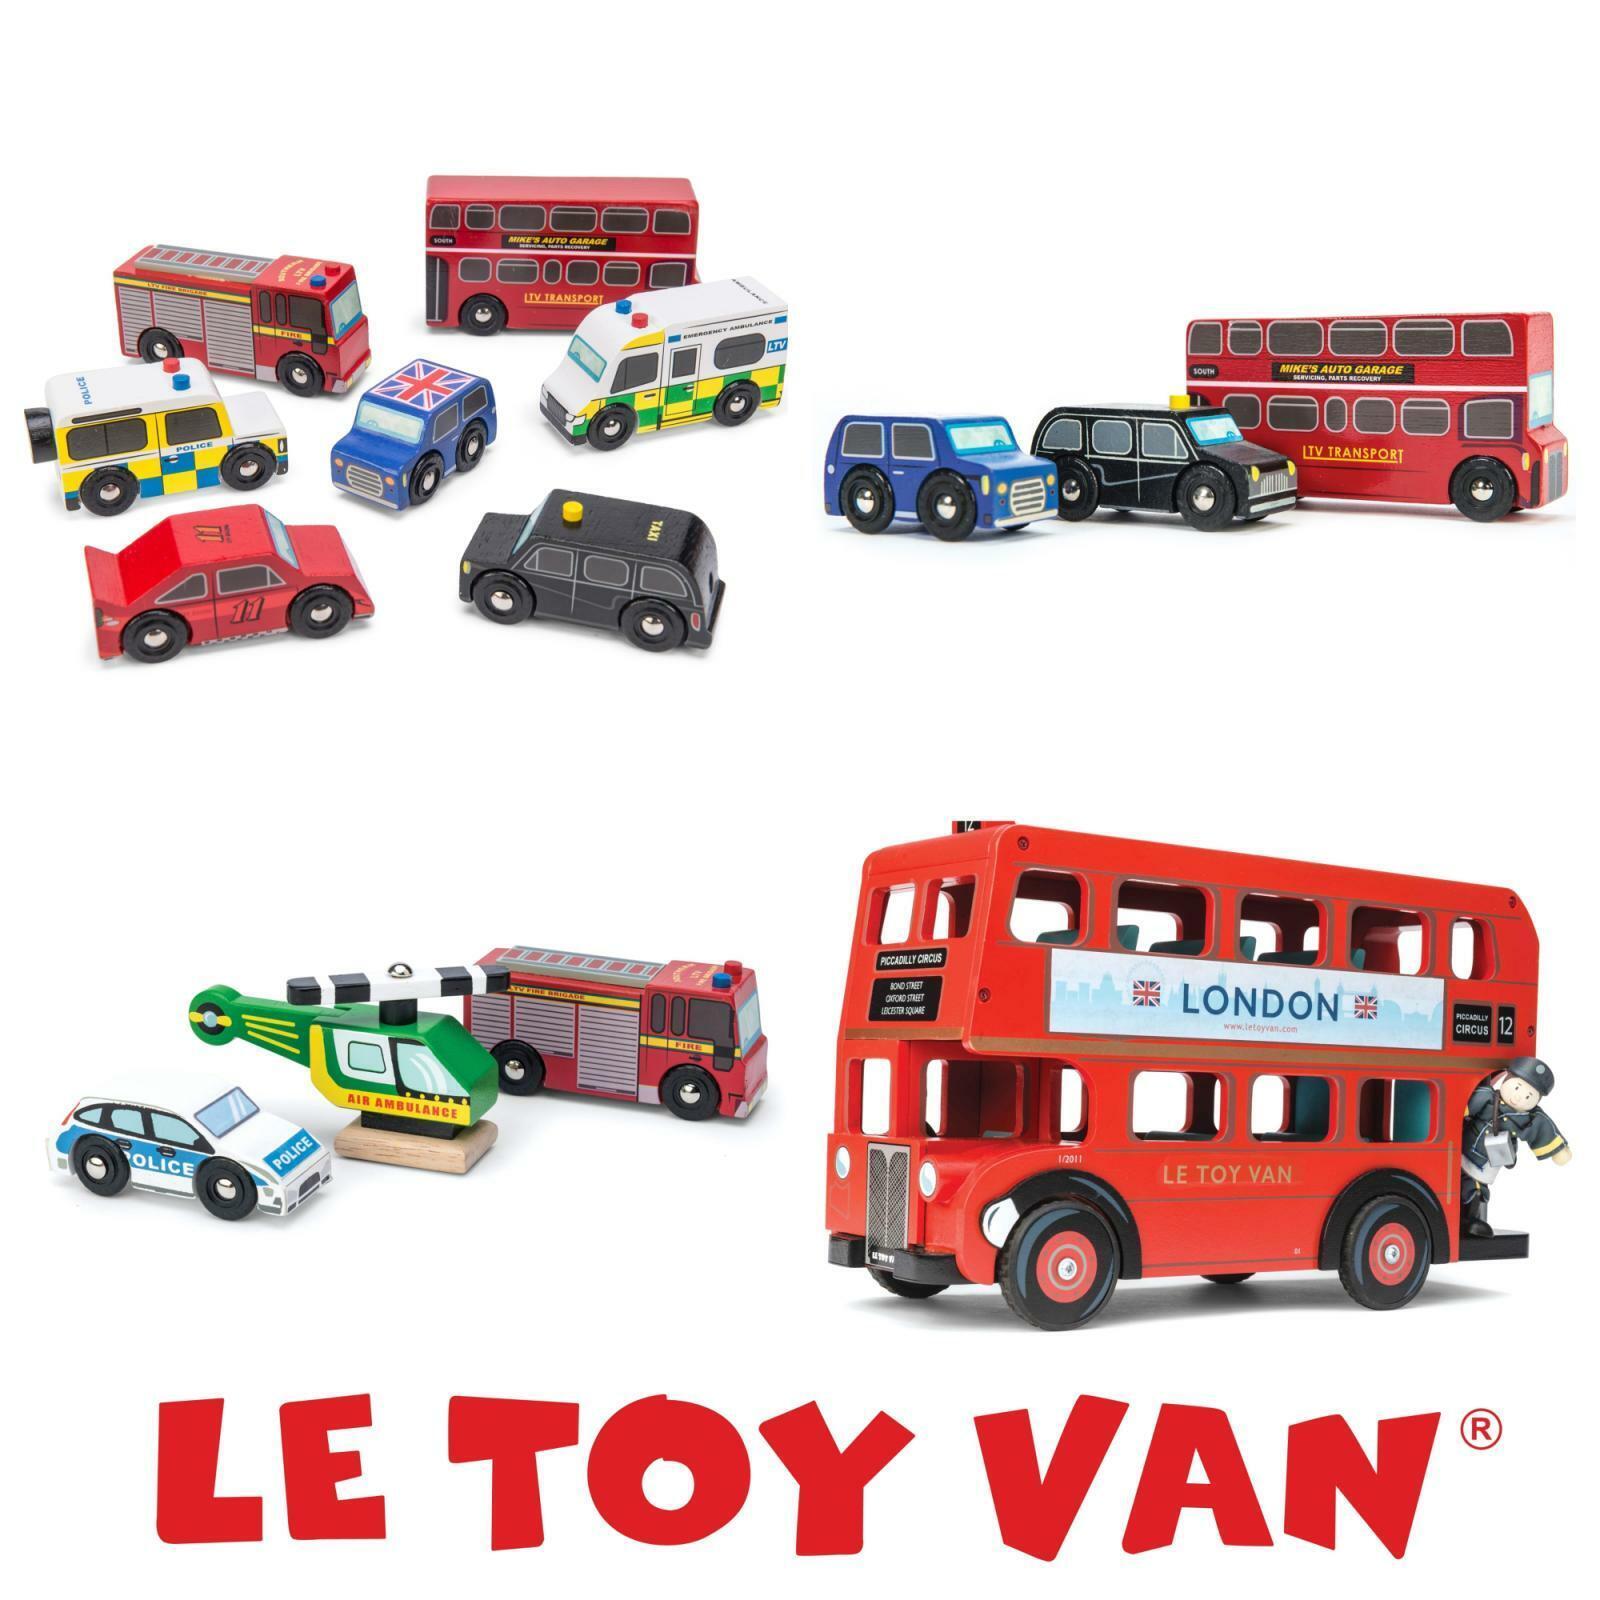 Le Toy Van semblant jouer en bois enfants jouets éducatifs London Voiture véhicule BUS